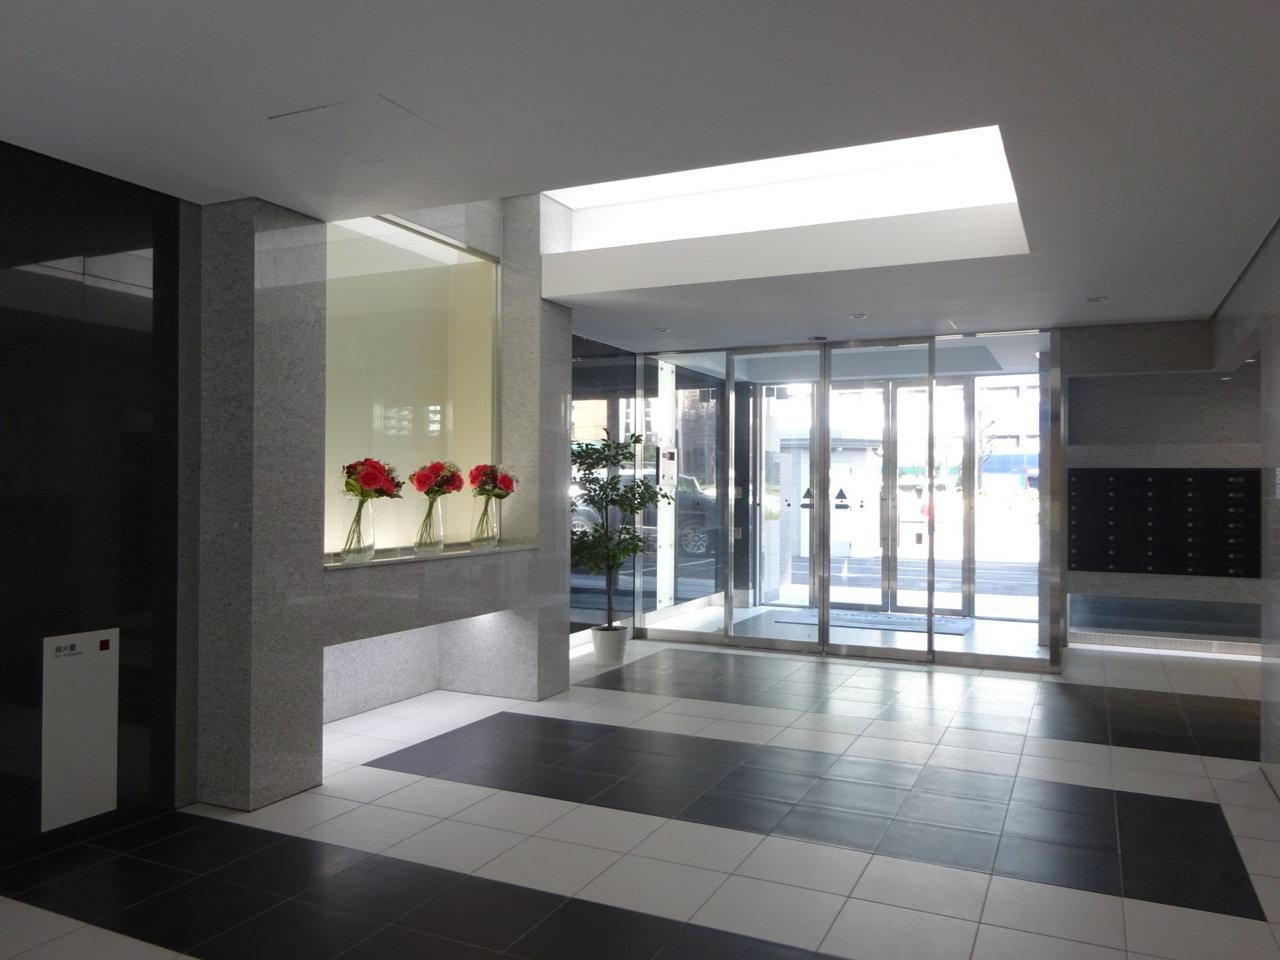 お部屋はオートロック付き14階建て。エントランスはホテルのように上品な雰囲気です。